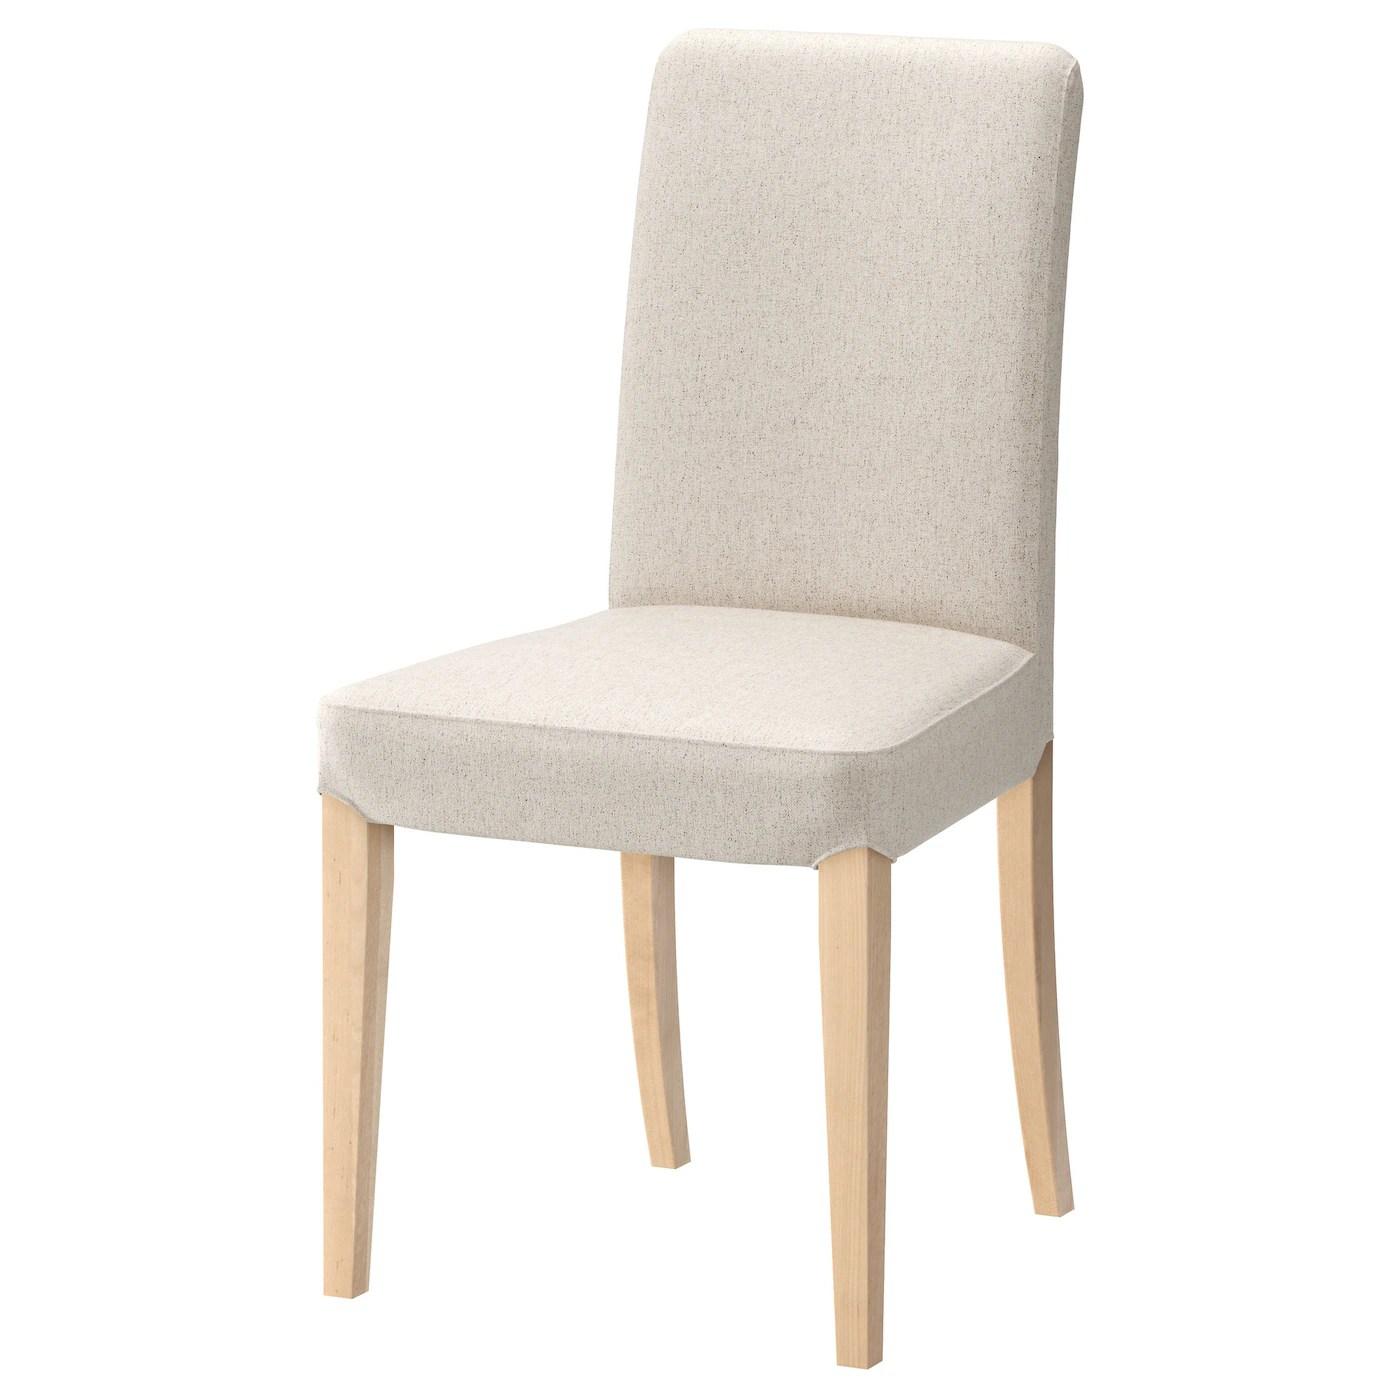 ikea high chair roman gym equipment henriksdal birch linneryd natural